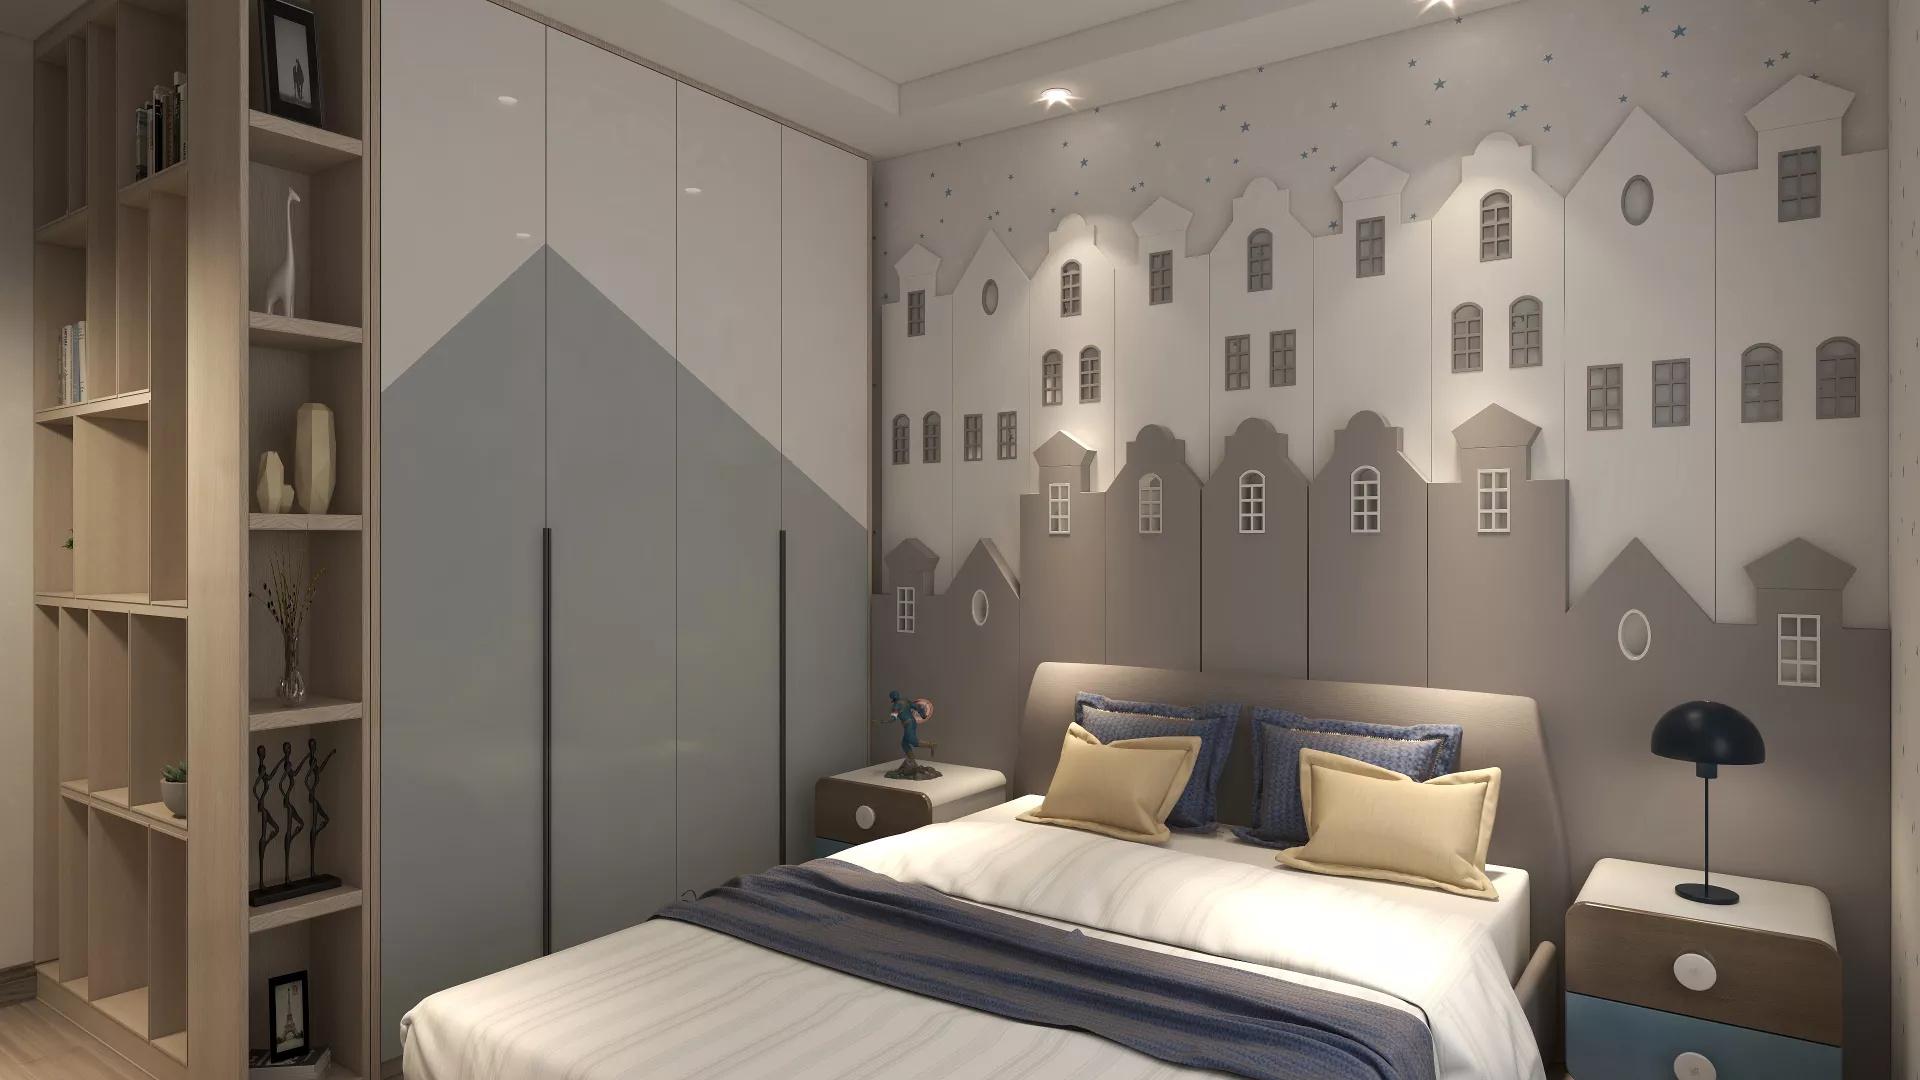 豪华私人别墅室内装修效果图